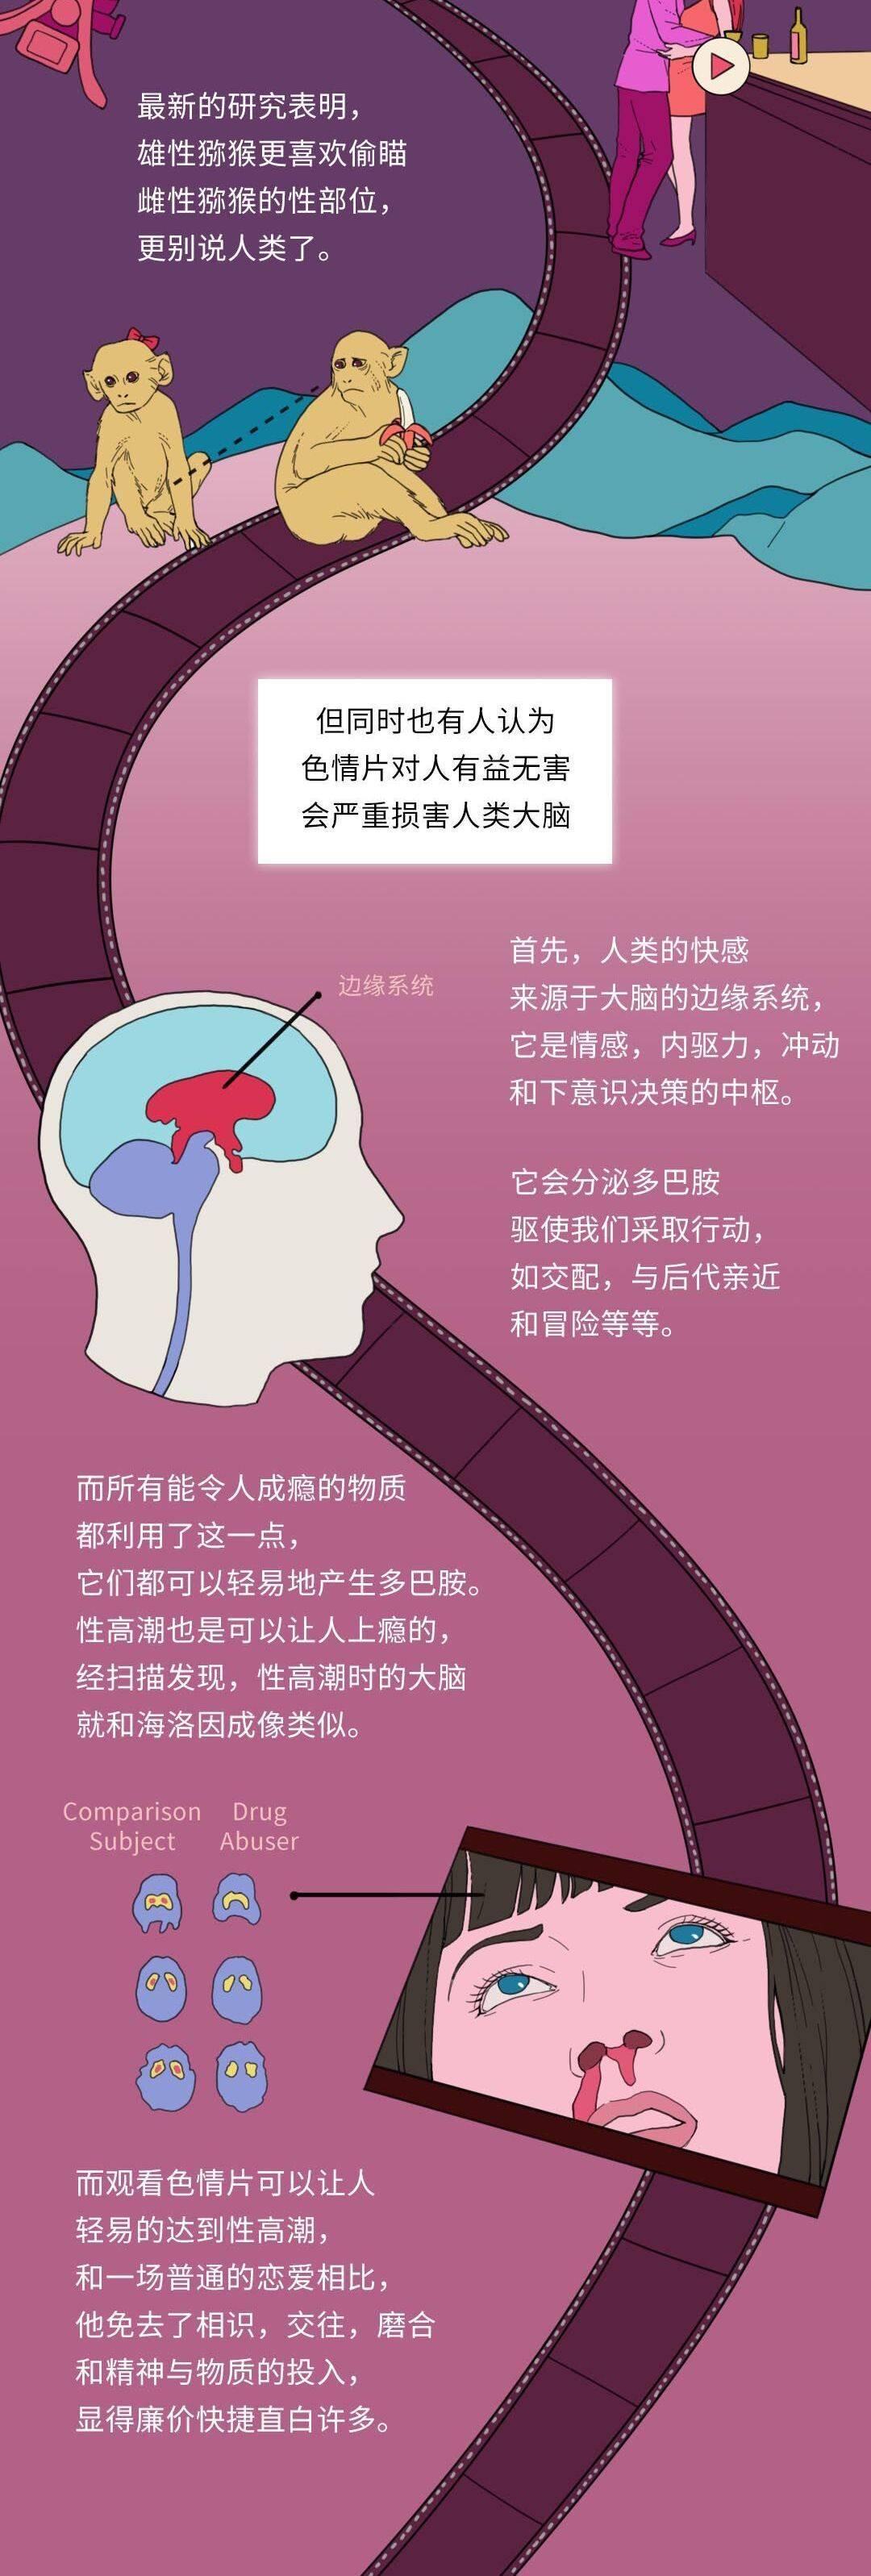 (涨知识)看片无数伤大脑